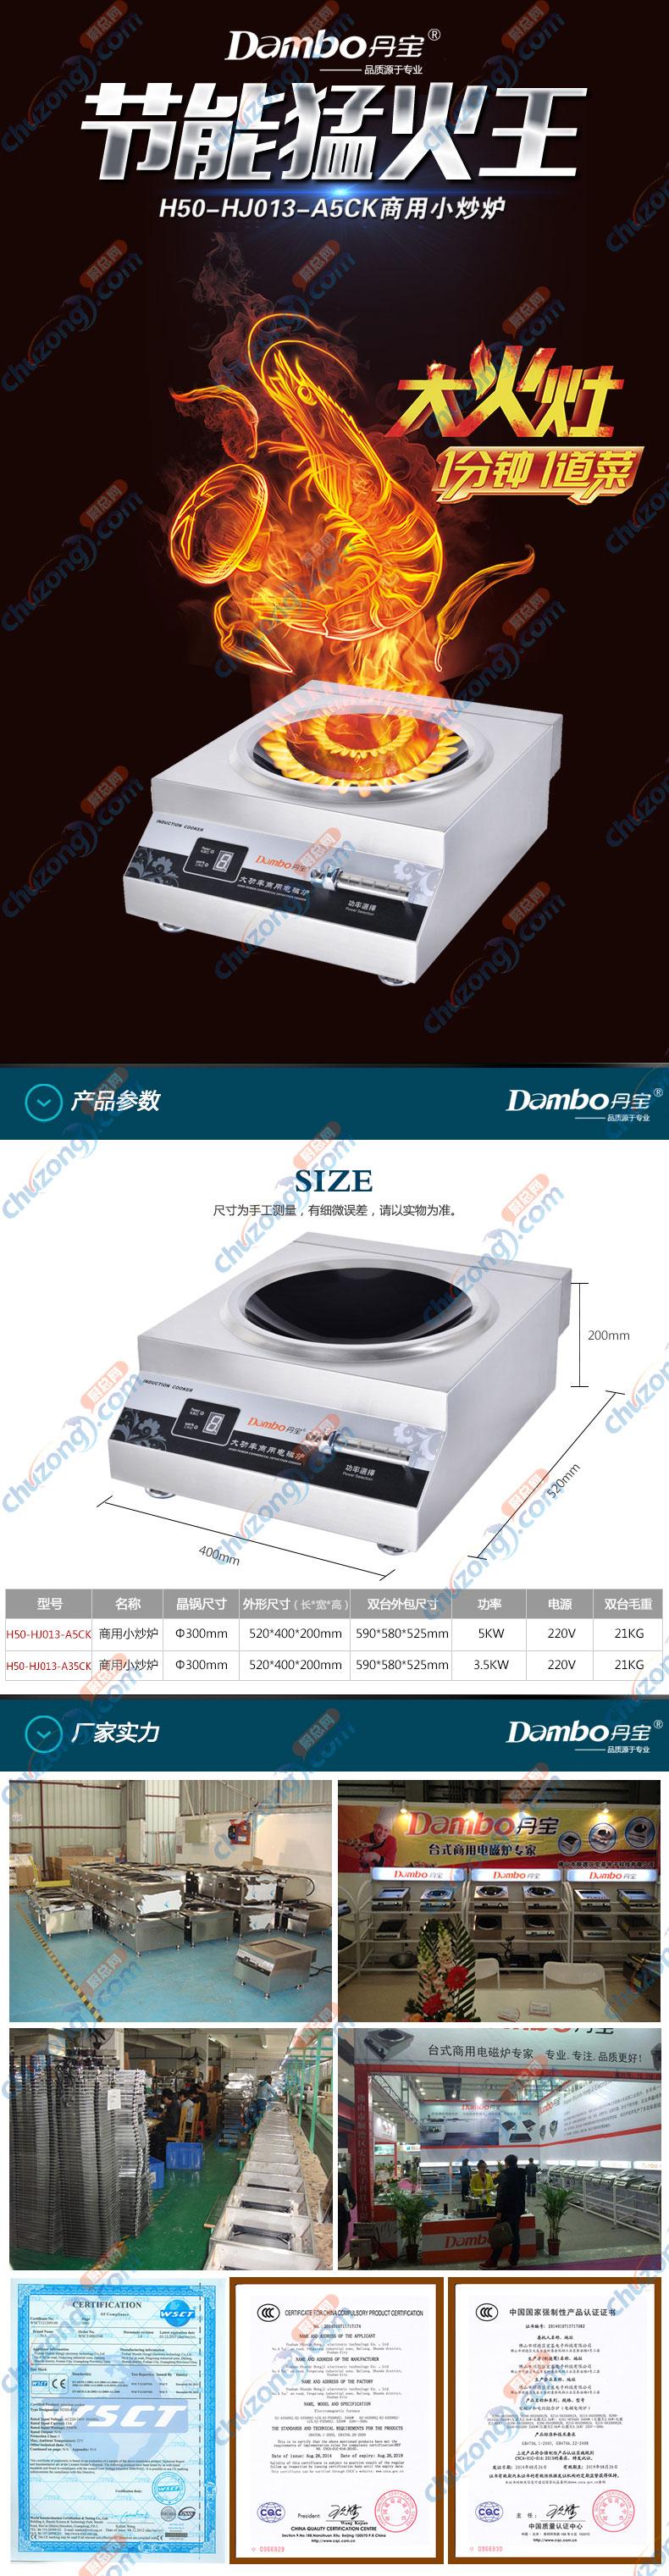 丹寶磁控型小炒爐H50-HJ013-A5CK